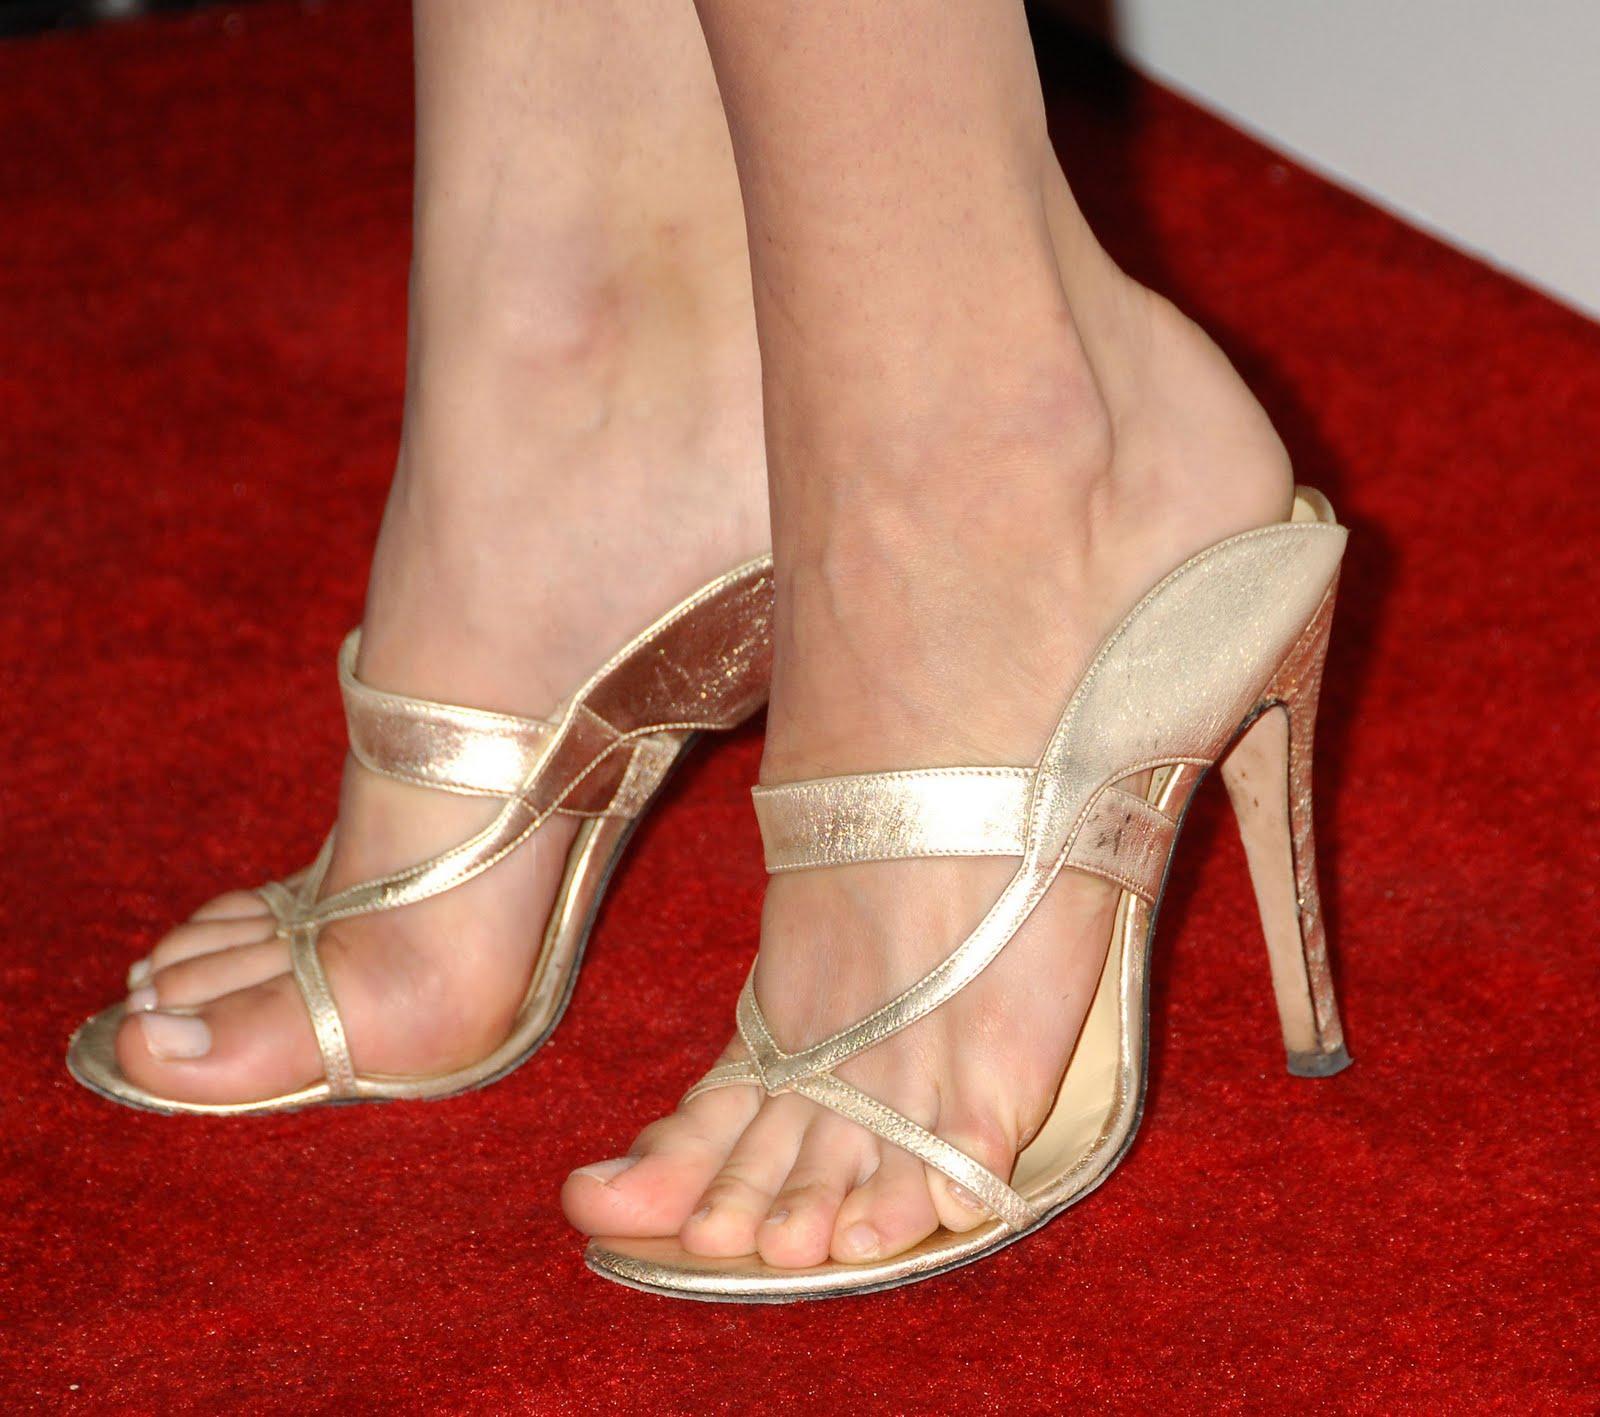 http://3.bp.blogspot.com/_UaLWp72nij4/S7zkWWjrHdI/AAAAAAAAGow/AdjtN67plF0/s1600/emmy-rossum-feet.jpg